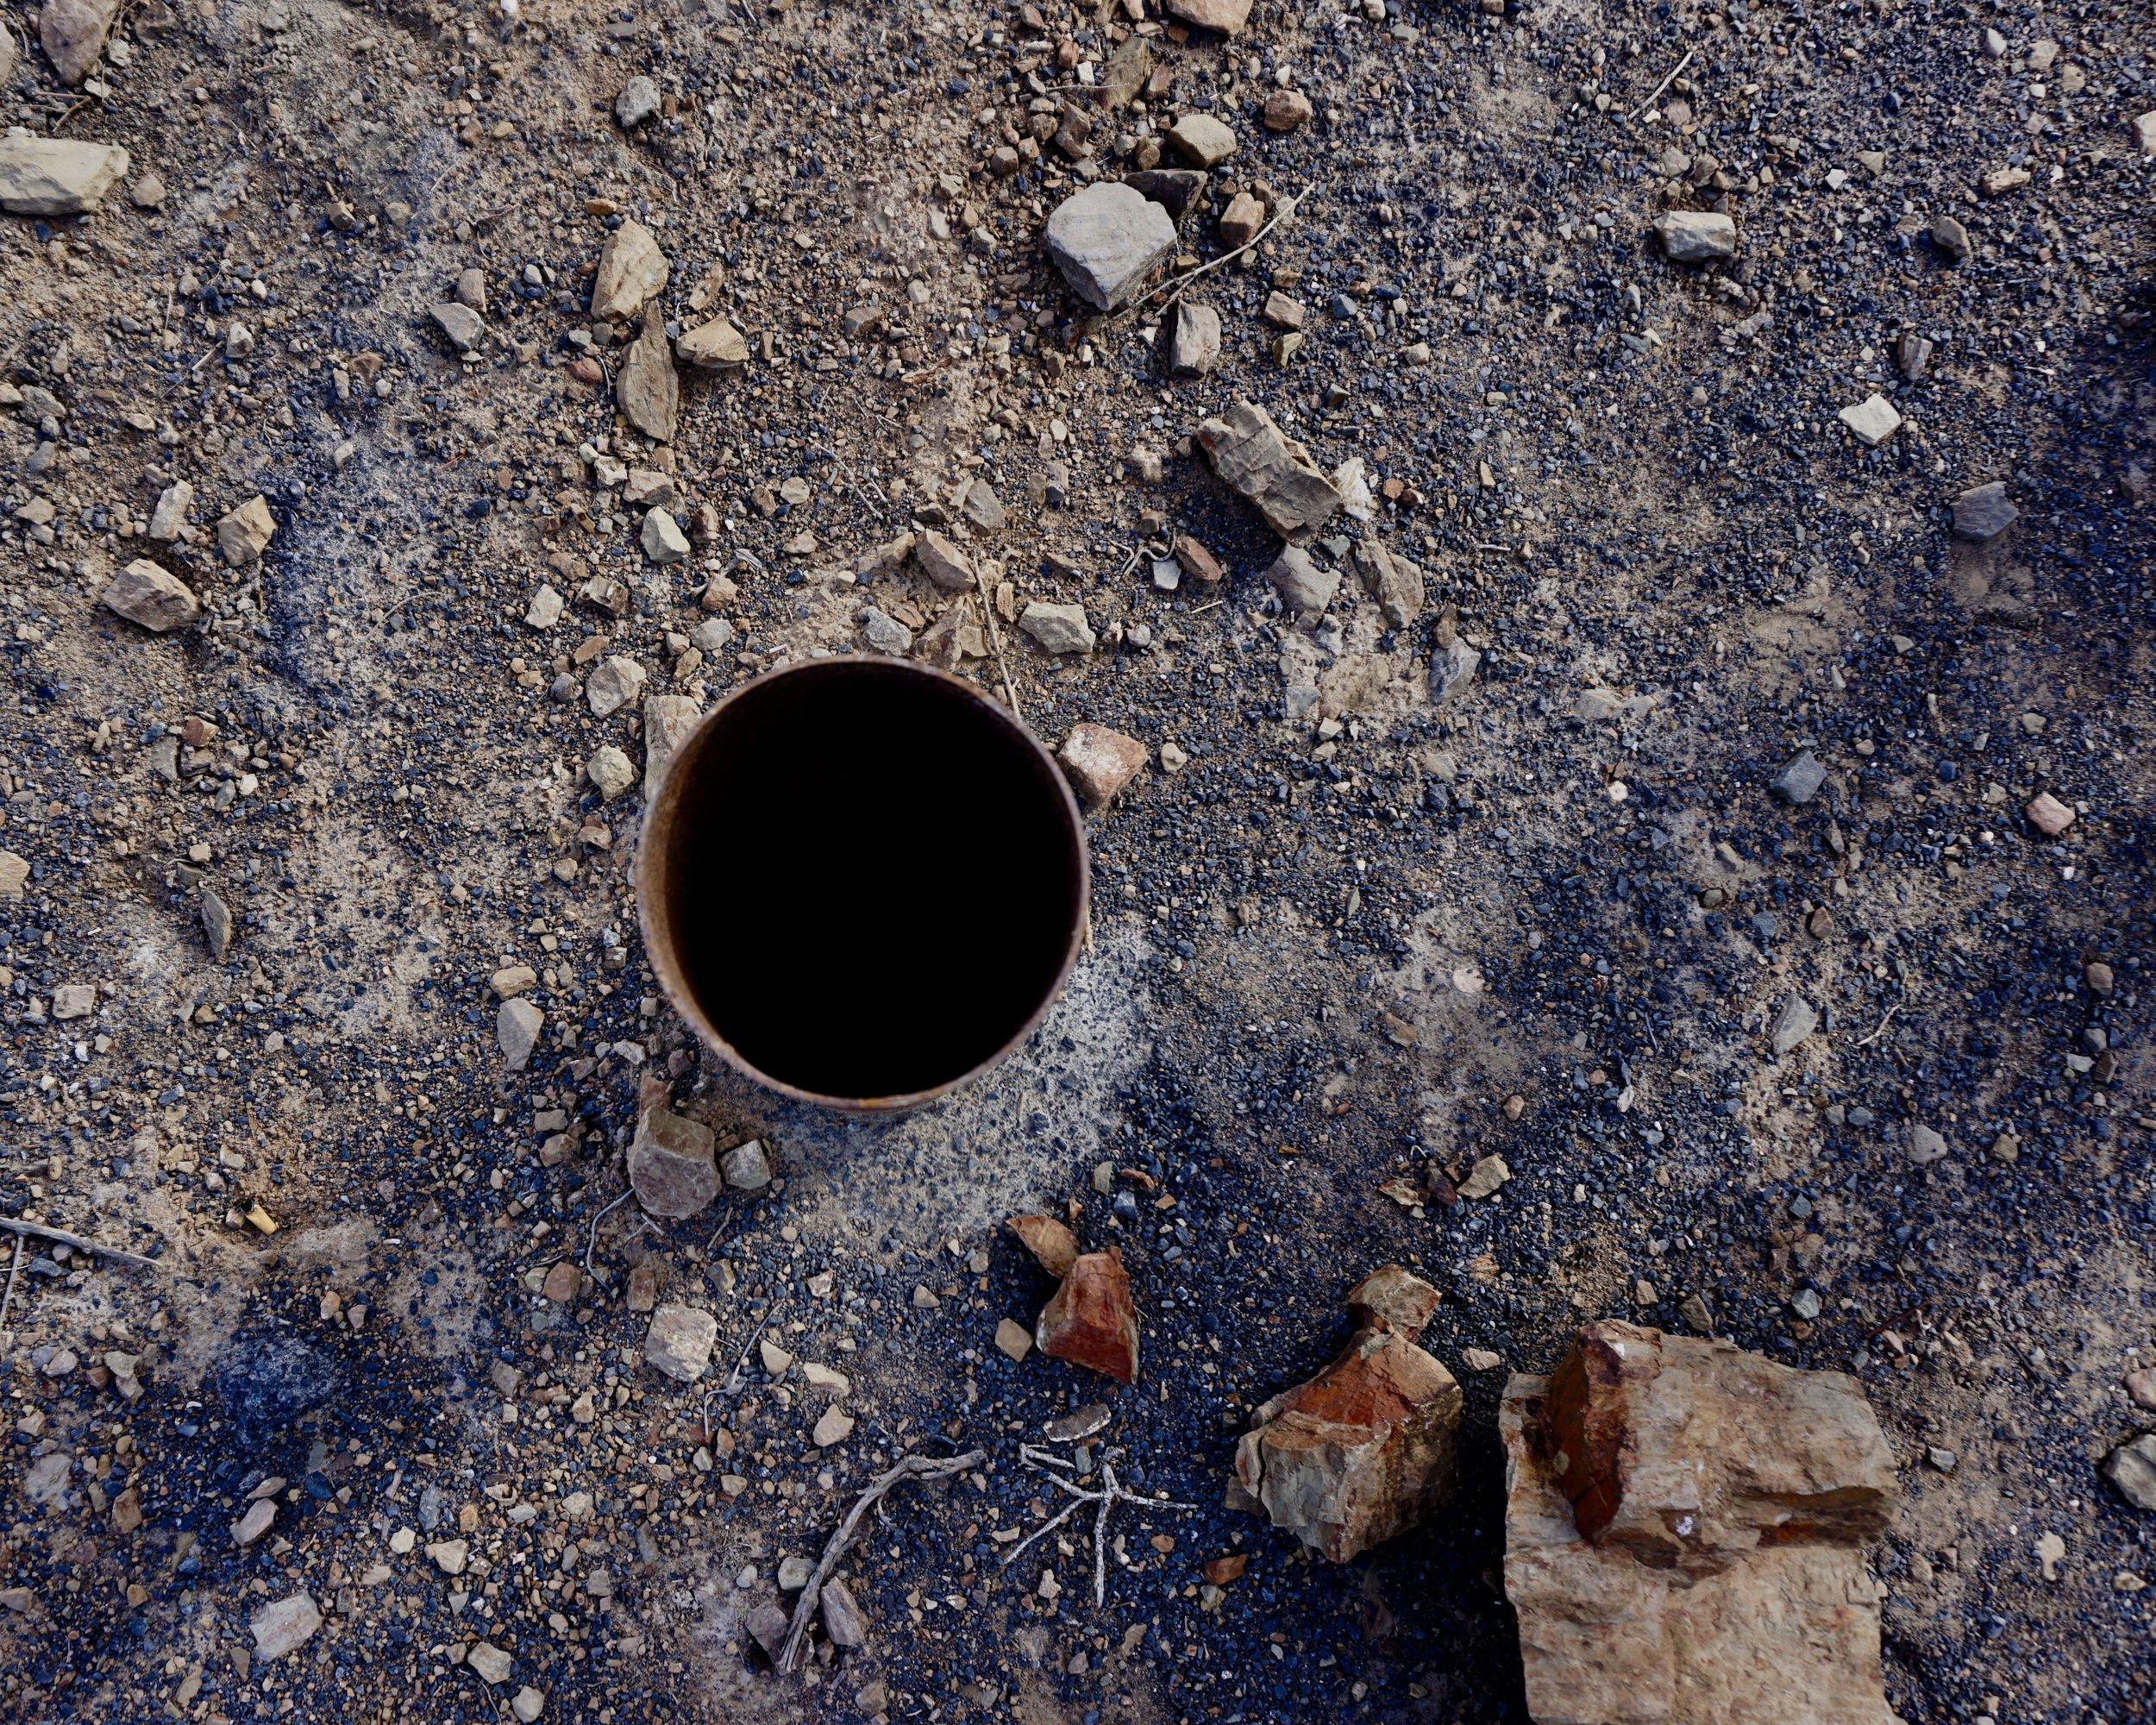 Klein Karoo: Andrew's Borehole